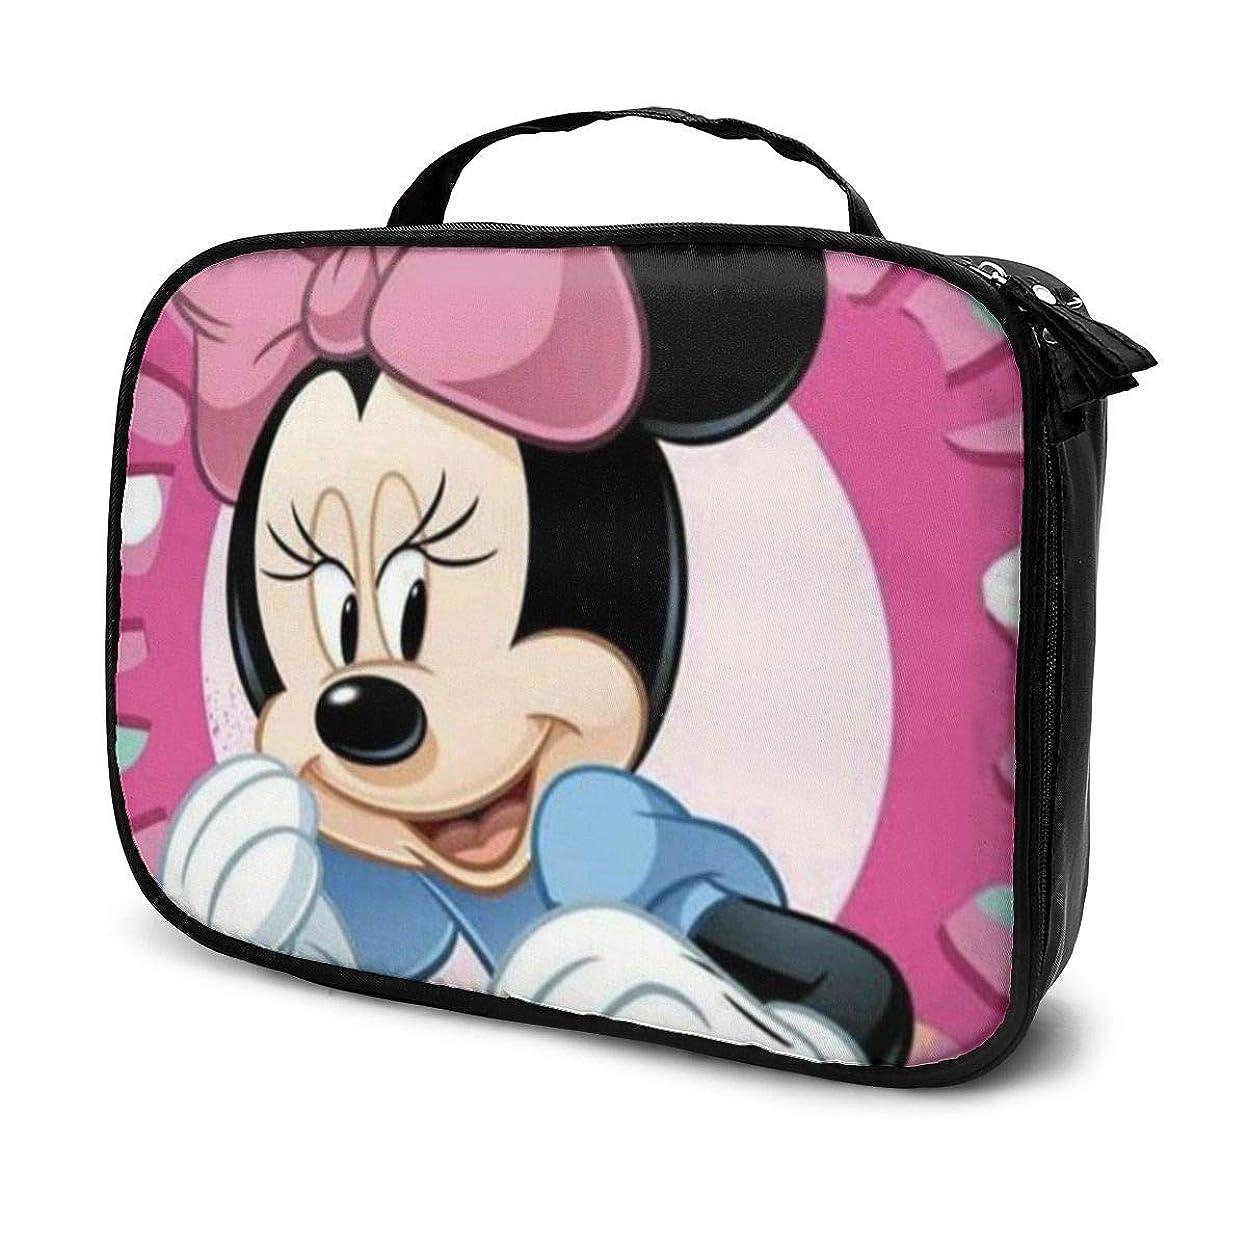 からに変化する知覚的炭素Daituかわいいミニーマウス 化粧品袋の女性旅行バッグ収納大容量防水アクセサリー旅行